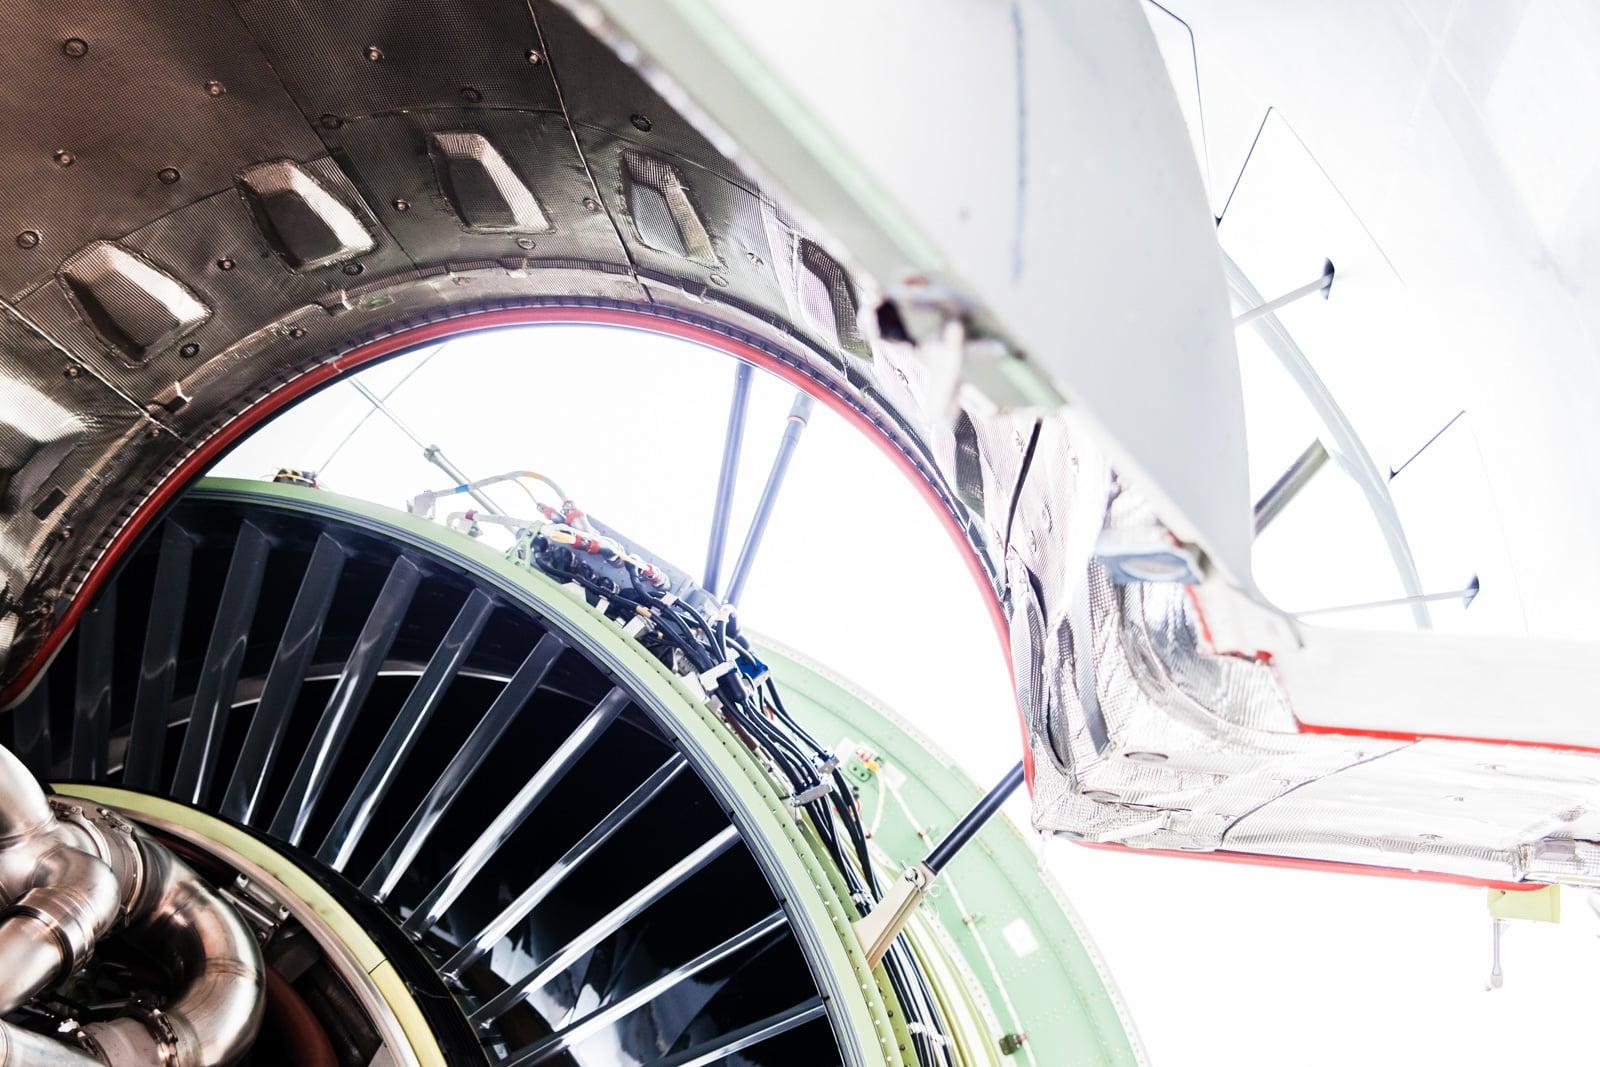 Triebwerk eines Flugzeuges offen